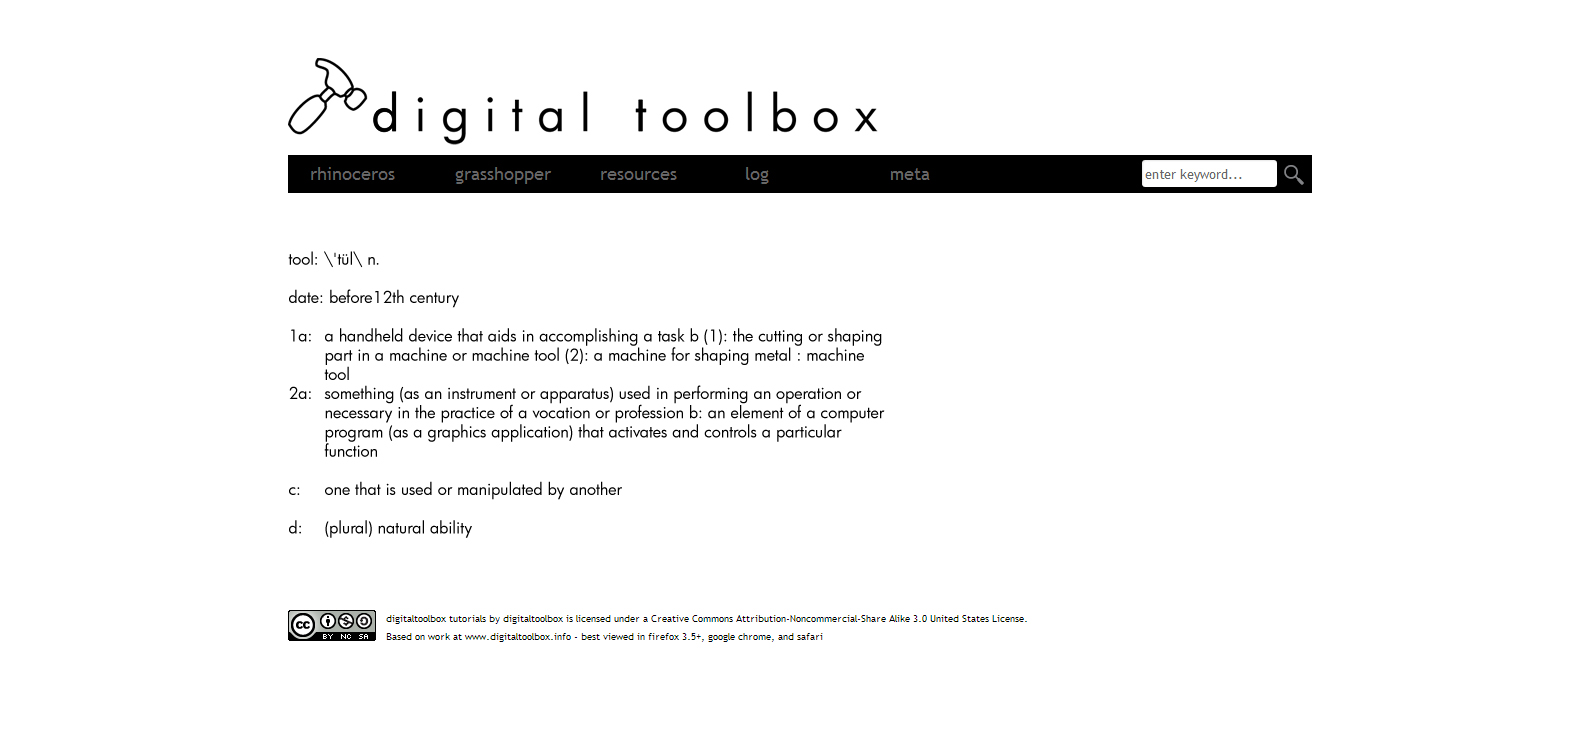 DIGITAL TOOLBOX